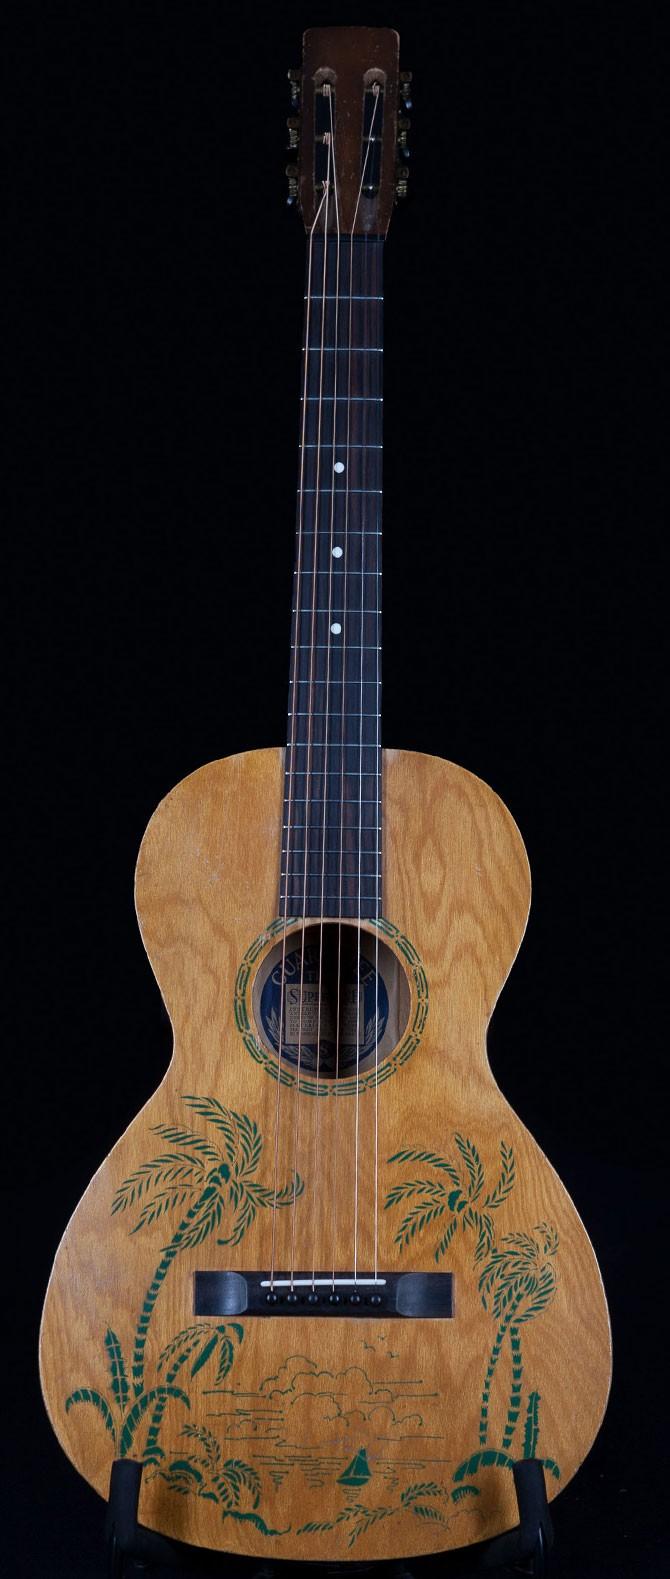 Gibson Acoustic série datant